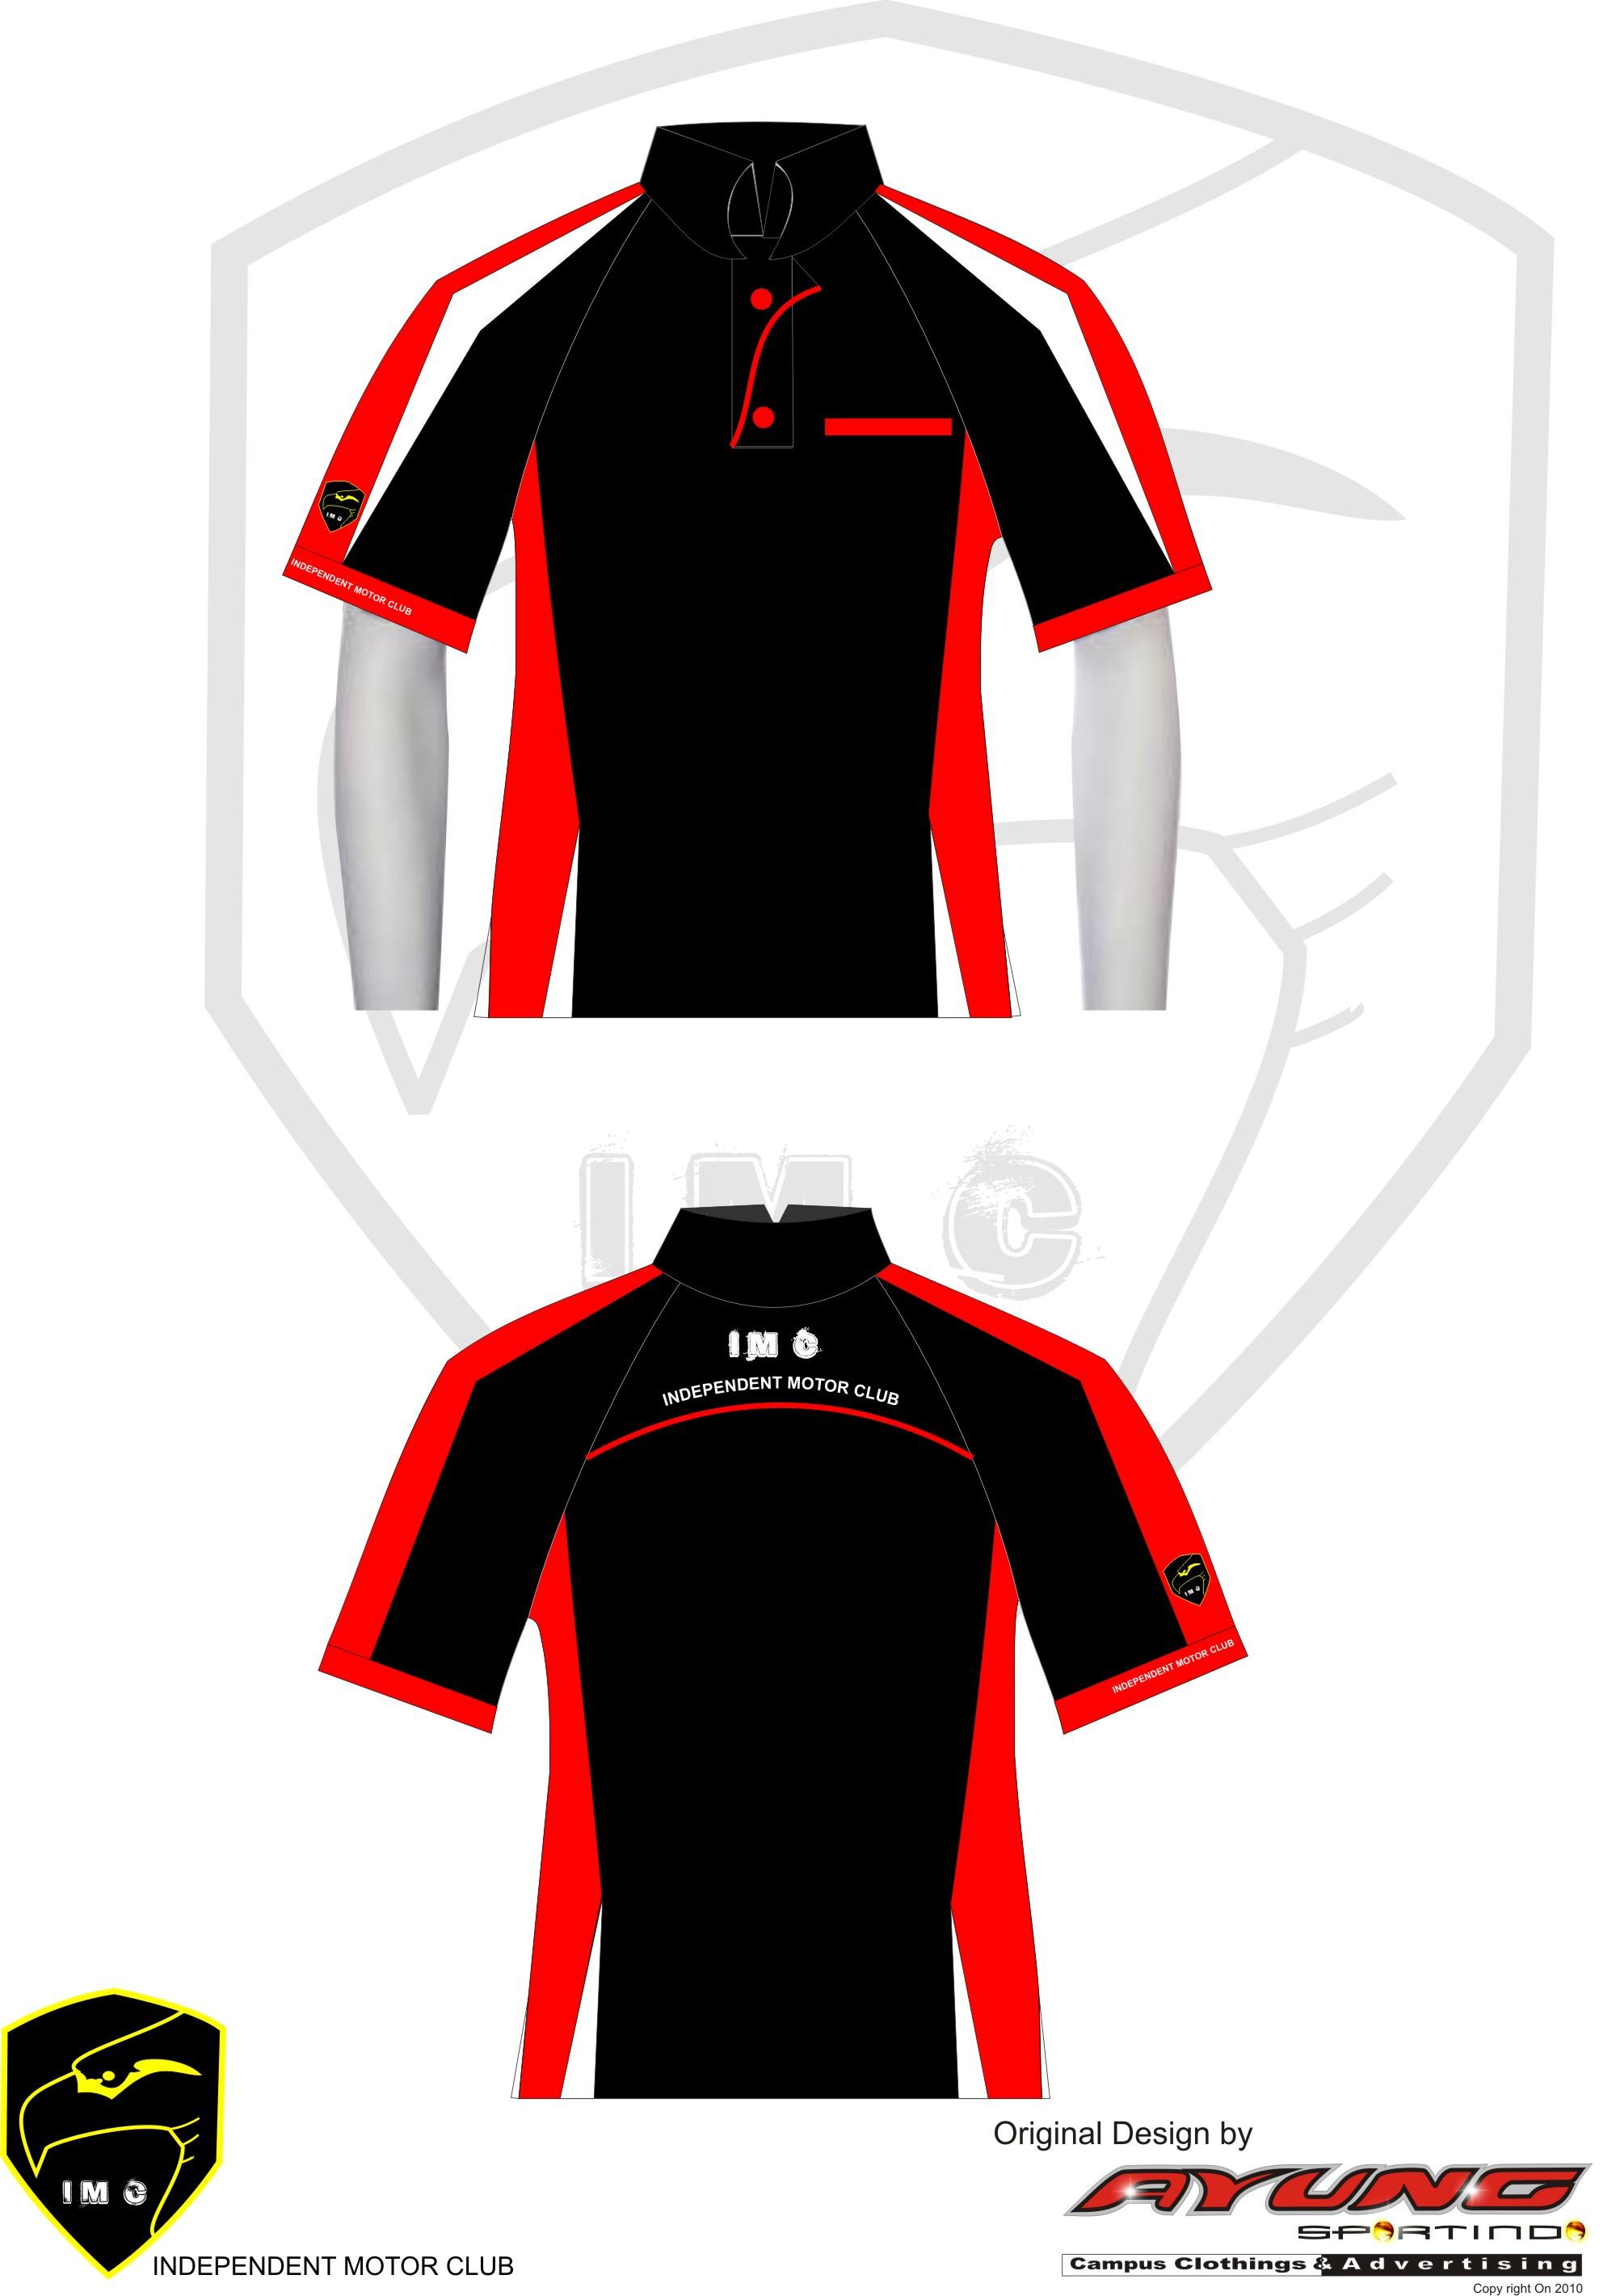 Desain Kaos Bagus Gambar Kaos Kaos Kerah T Shirts